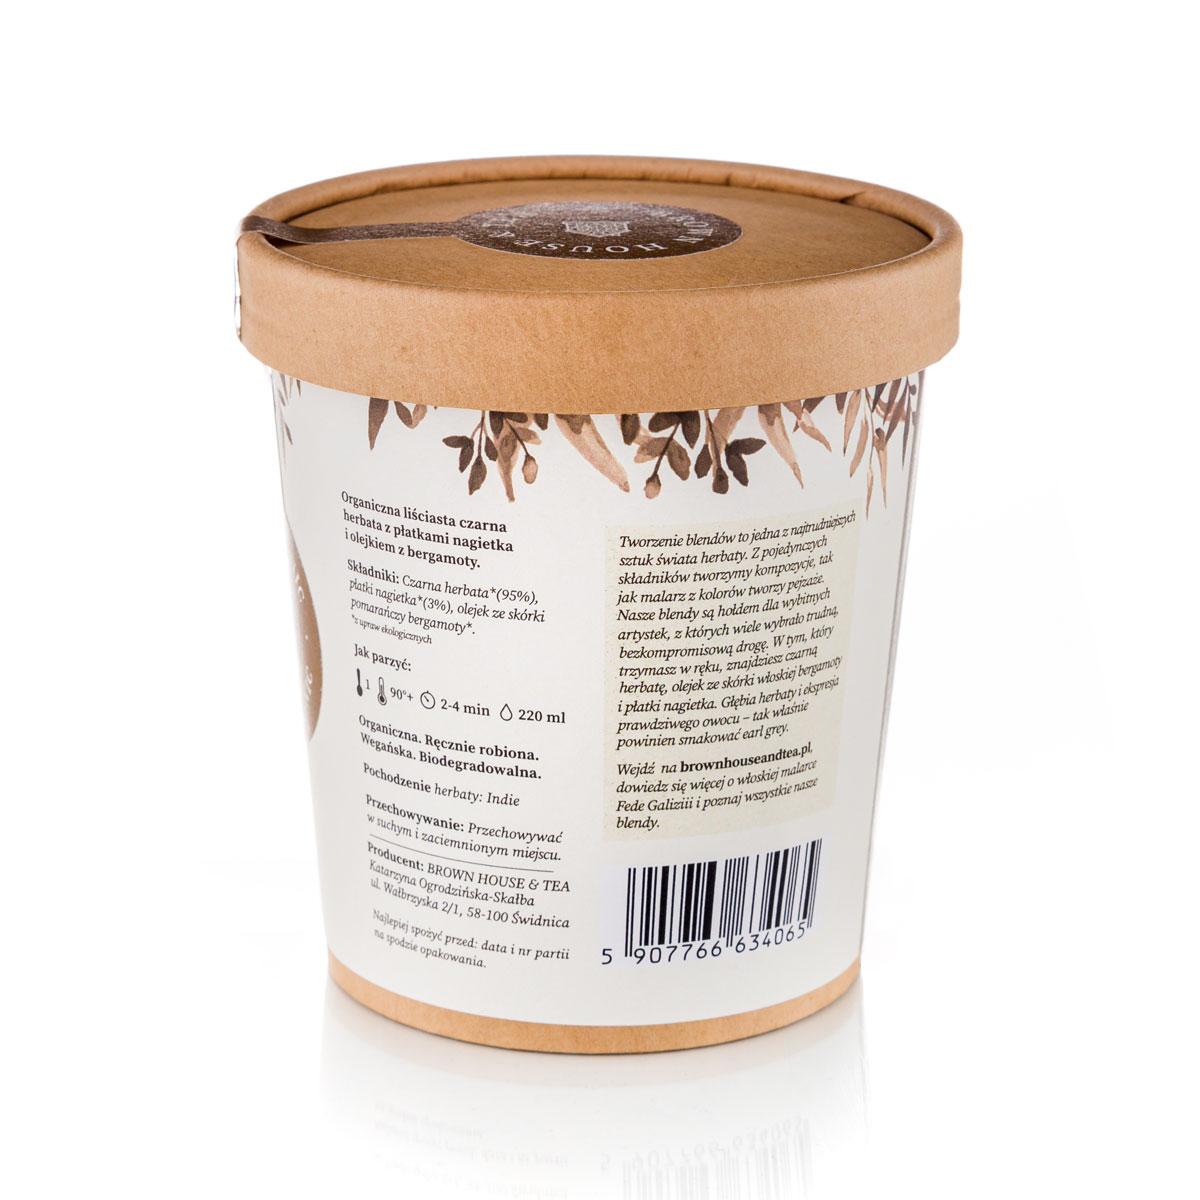 Kraftowa herbata Fede zrodziła się z potrzeby innego spojrzenia na earl grey. Znana niemal na całym świecie czarna herbata nasycona olejkiem bergamotowym pachnie i smakuje całkiem inaczej, gdy doda się do niej olej pochodzący z organicznych upraw. A zupełnie nowe oblicze zyskuje, jeśli dosypać do niej garść słonecznych płatków nagietka. Aromat, jakim otoczy Cię ta mieszanka, ożywi najpiękniejsze wakacyjne wspomnienia z podróży na południe Europy. O aromacie tej herbaty trudno opowiedzieć. Trzeba go samemu poczuć. Choć zapach oleju z bergamoty znany jest większości z nas, w tym organicznym blendzie, odkrywamy go na nowo. To także dzięki słodko-ziołowemu zapachowi suszonych płatków nagietka. Smak jest zdecydowany, ale w przeciwieństwie do klasycznych herbat typu earl grey – bardzo zrównoważony. Mówiąc krótko – atrakcyjny, pełen ekspresji, ale też nieco tajemniczy, zupełnie jak kobieta. Fede łączy bogactwo korzystnie wpływających na nasz organizm właściwości czarnej herbaty z tym, co kryj